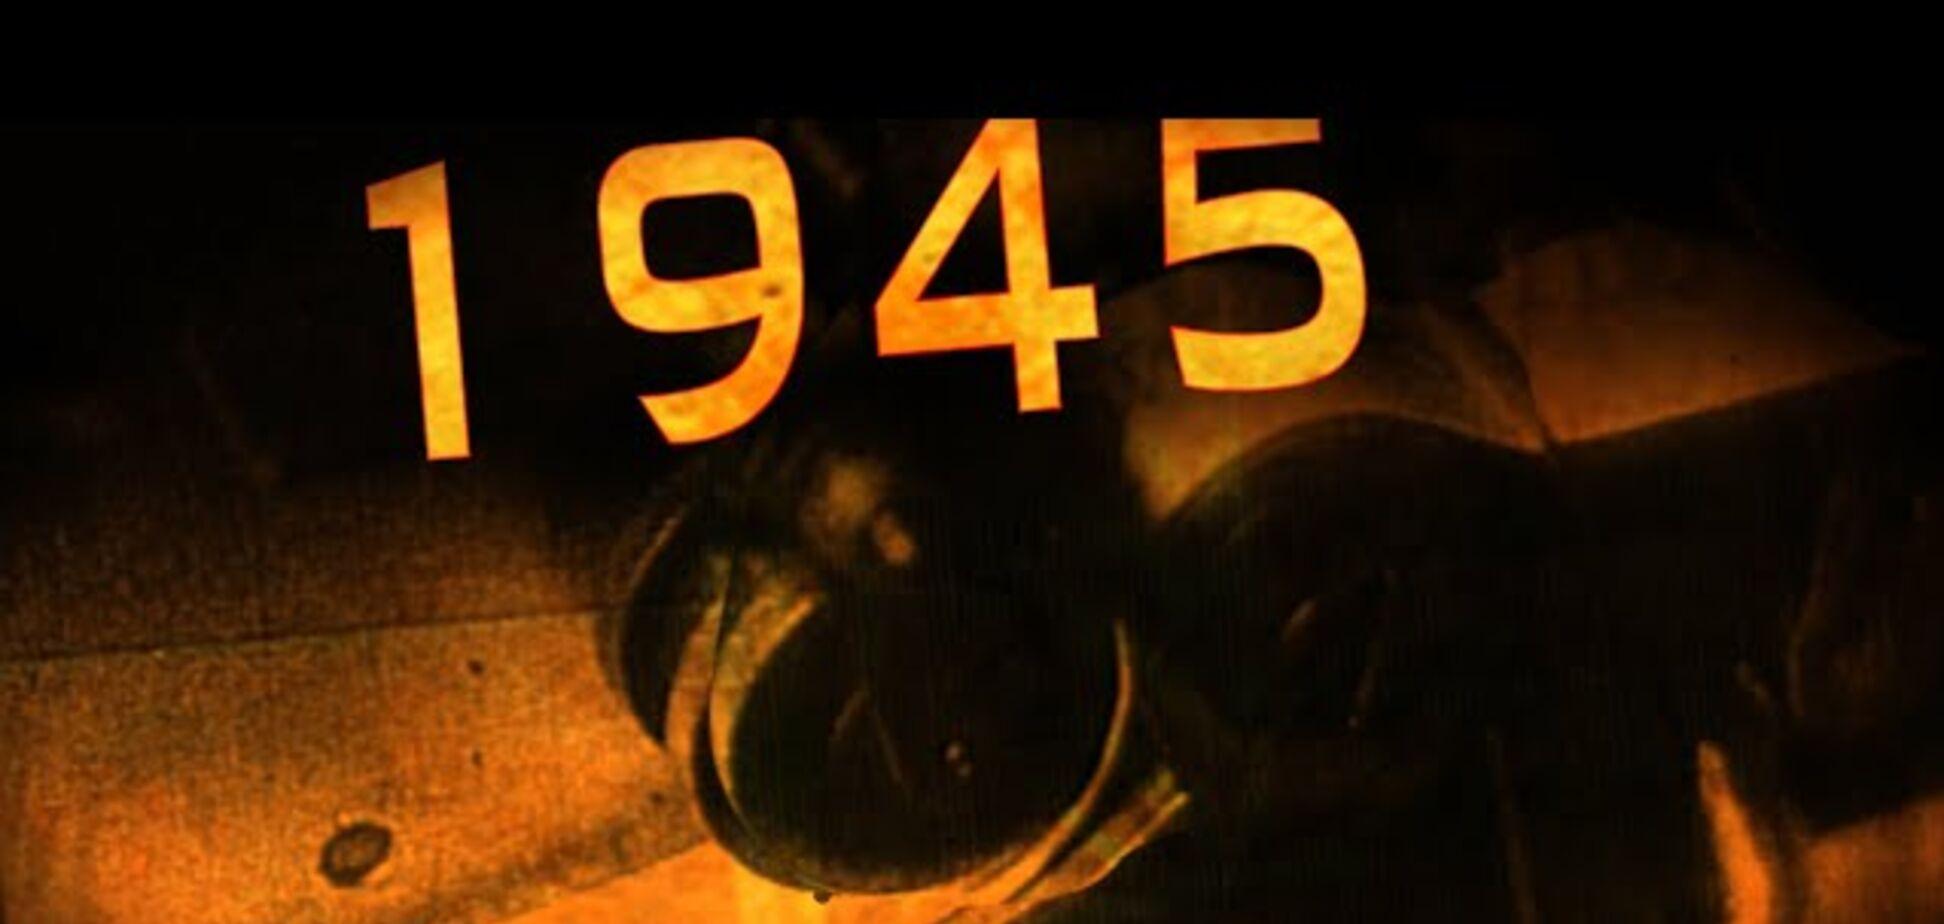 Премьера: фильм '1945' изменит ваше представление о Второй мировой войне